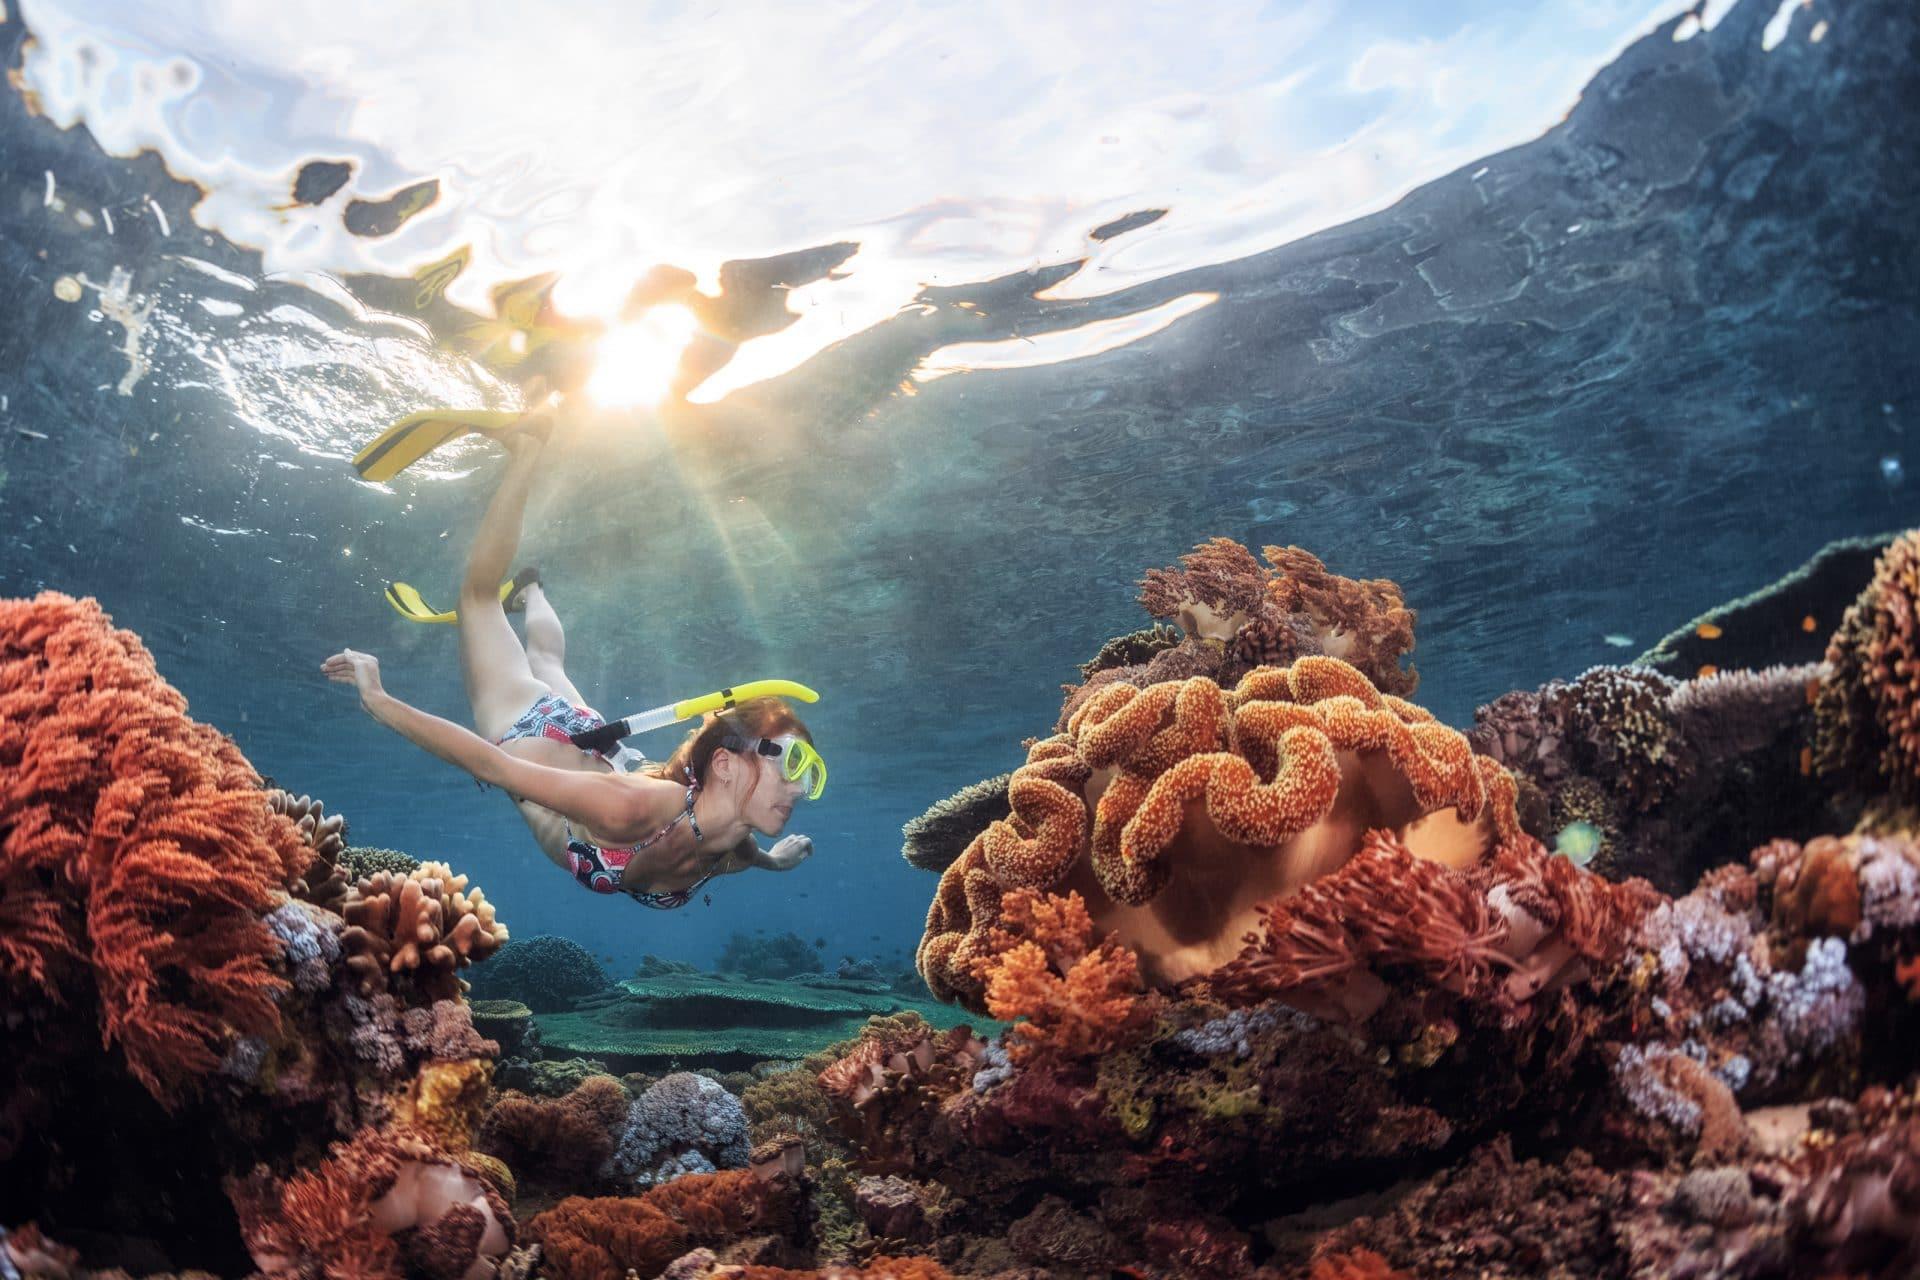 Snorkelling in the Red Sea, Jordan